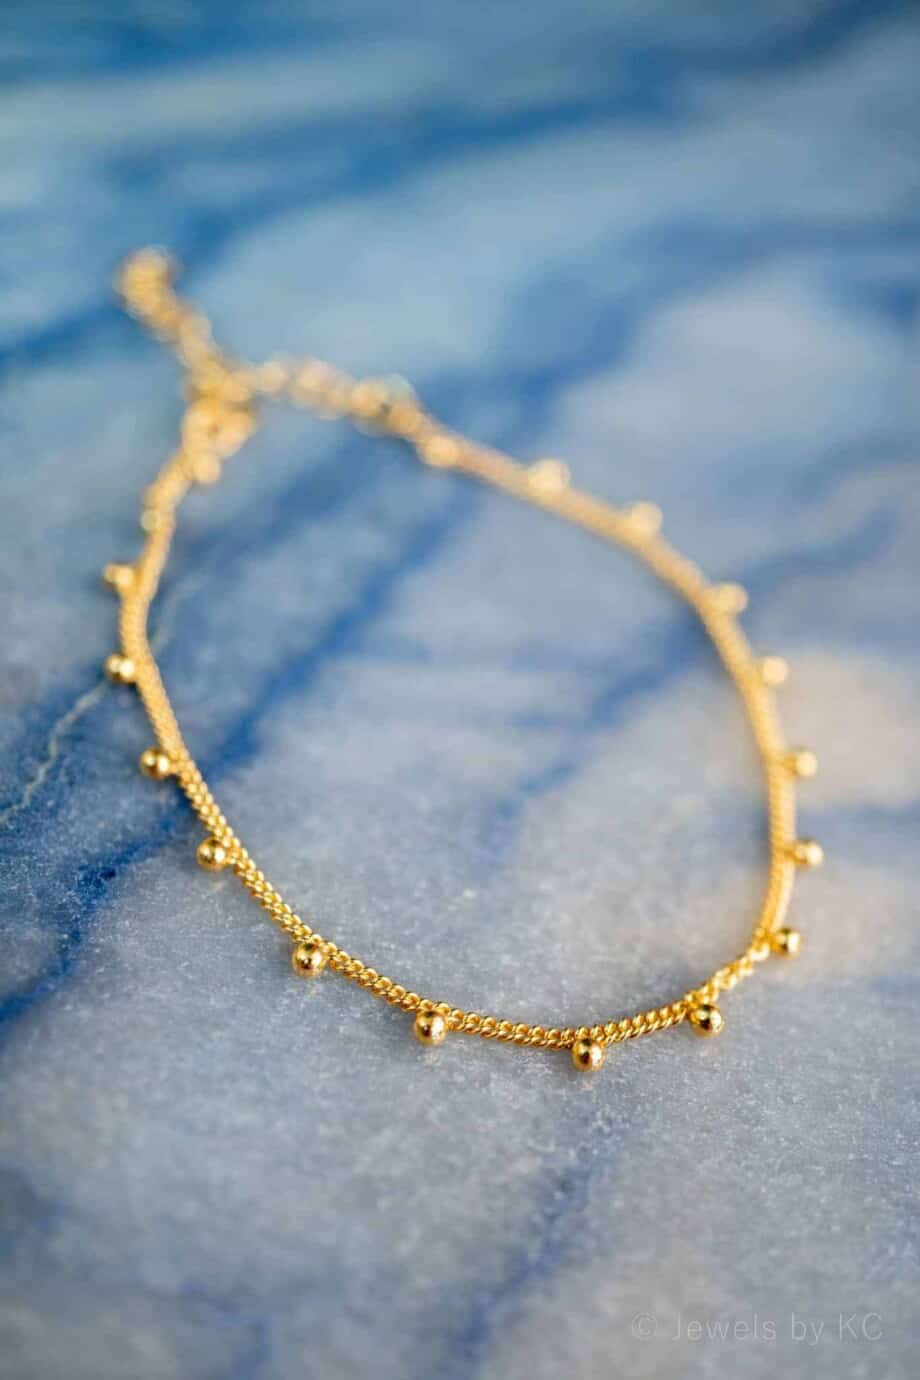 Gouden armband met balletjes 'Festival' van Goud op Zilver